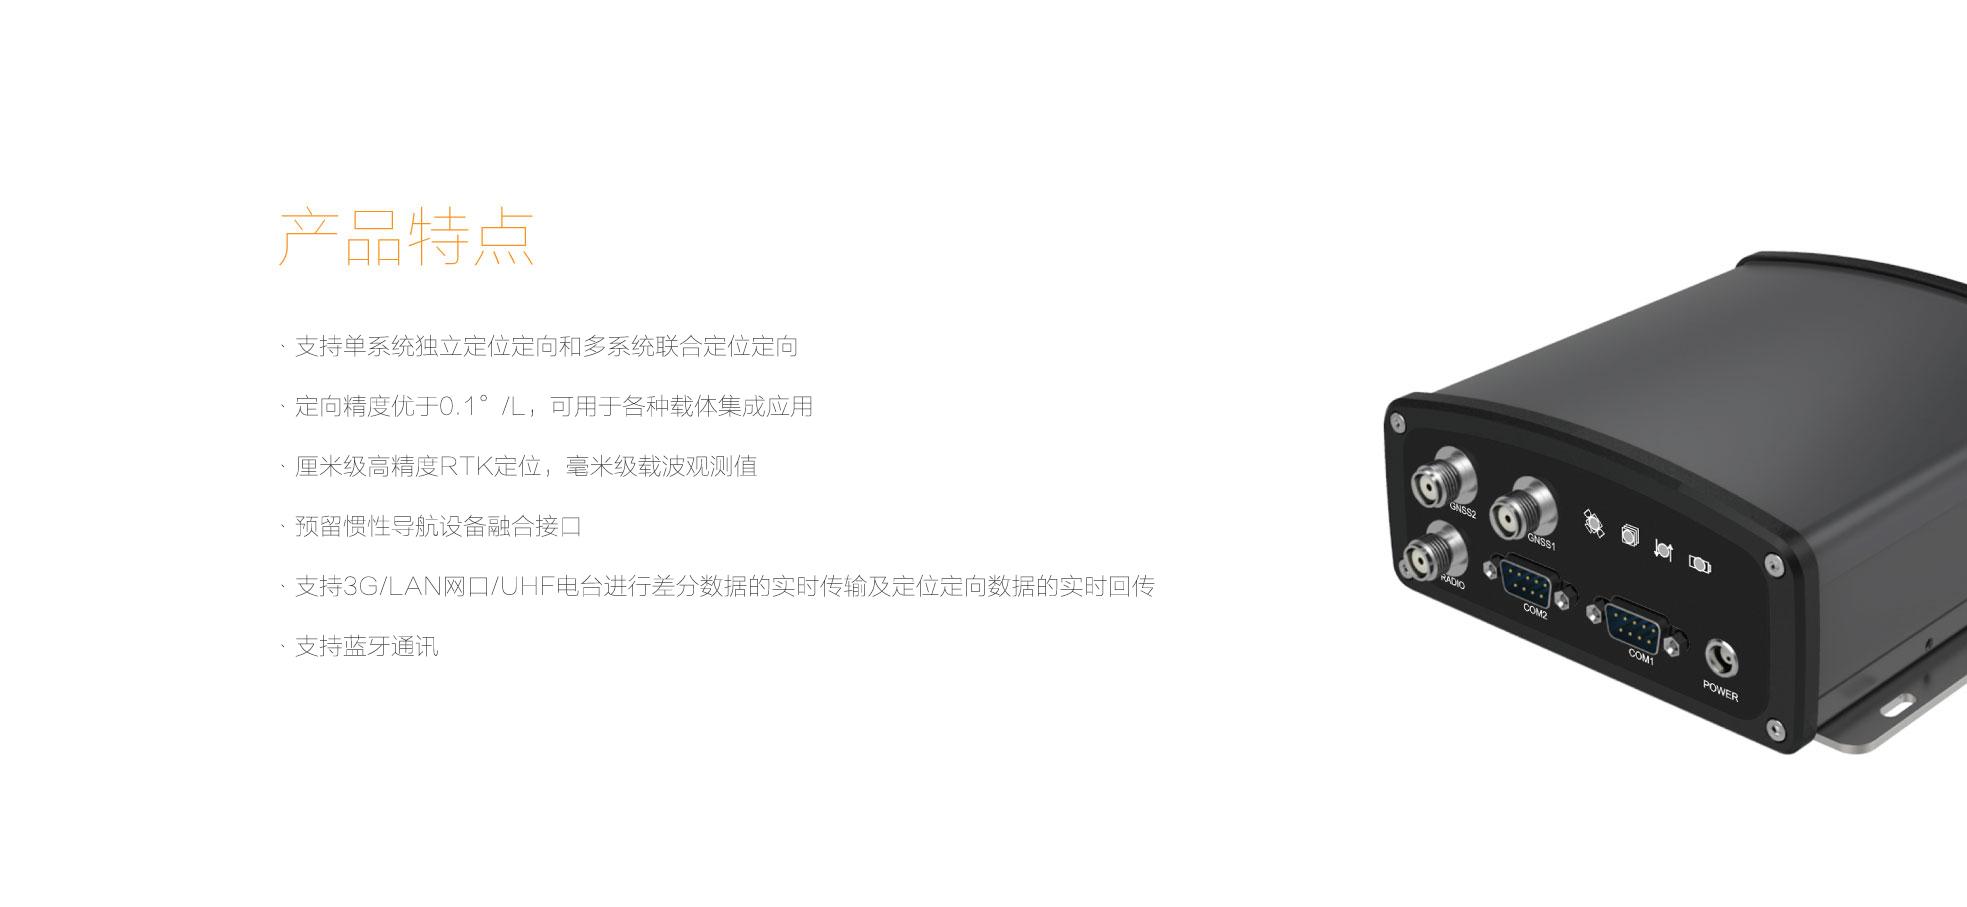 華測導航海洋定位産品P3定位定向儀,北鬥高精度定位接收機,測量精度高,超高性價比,支持定制化服務